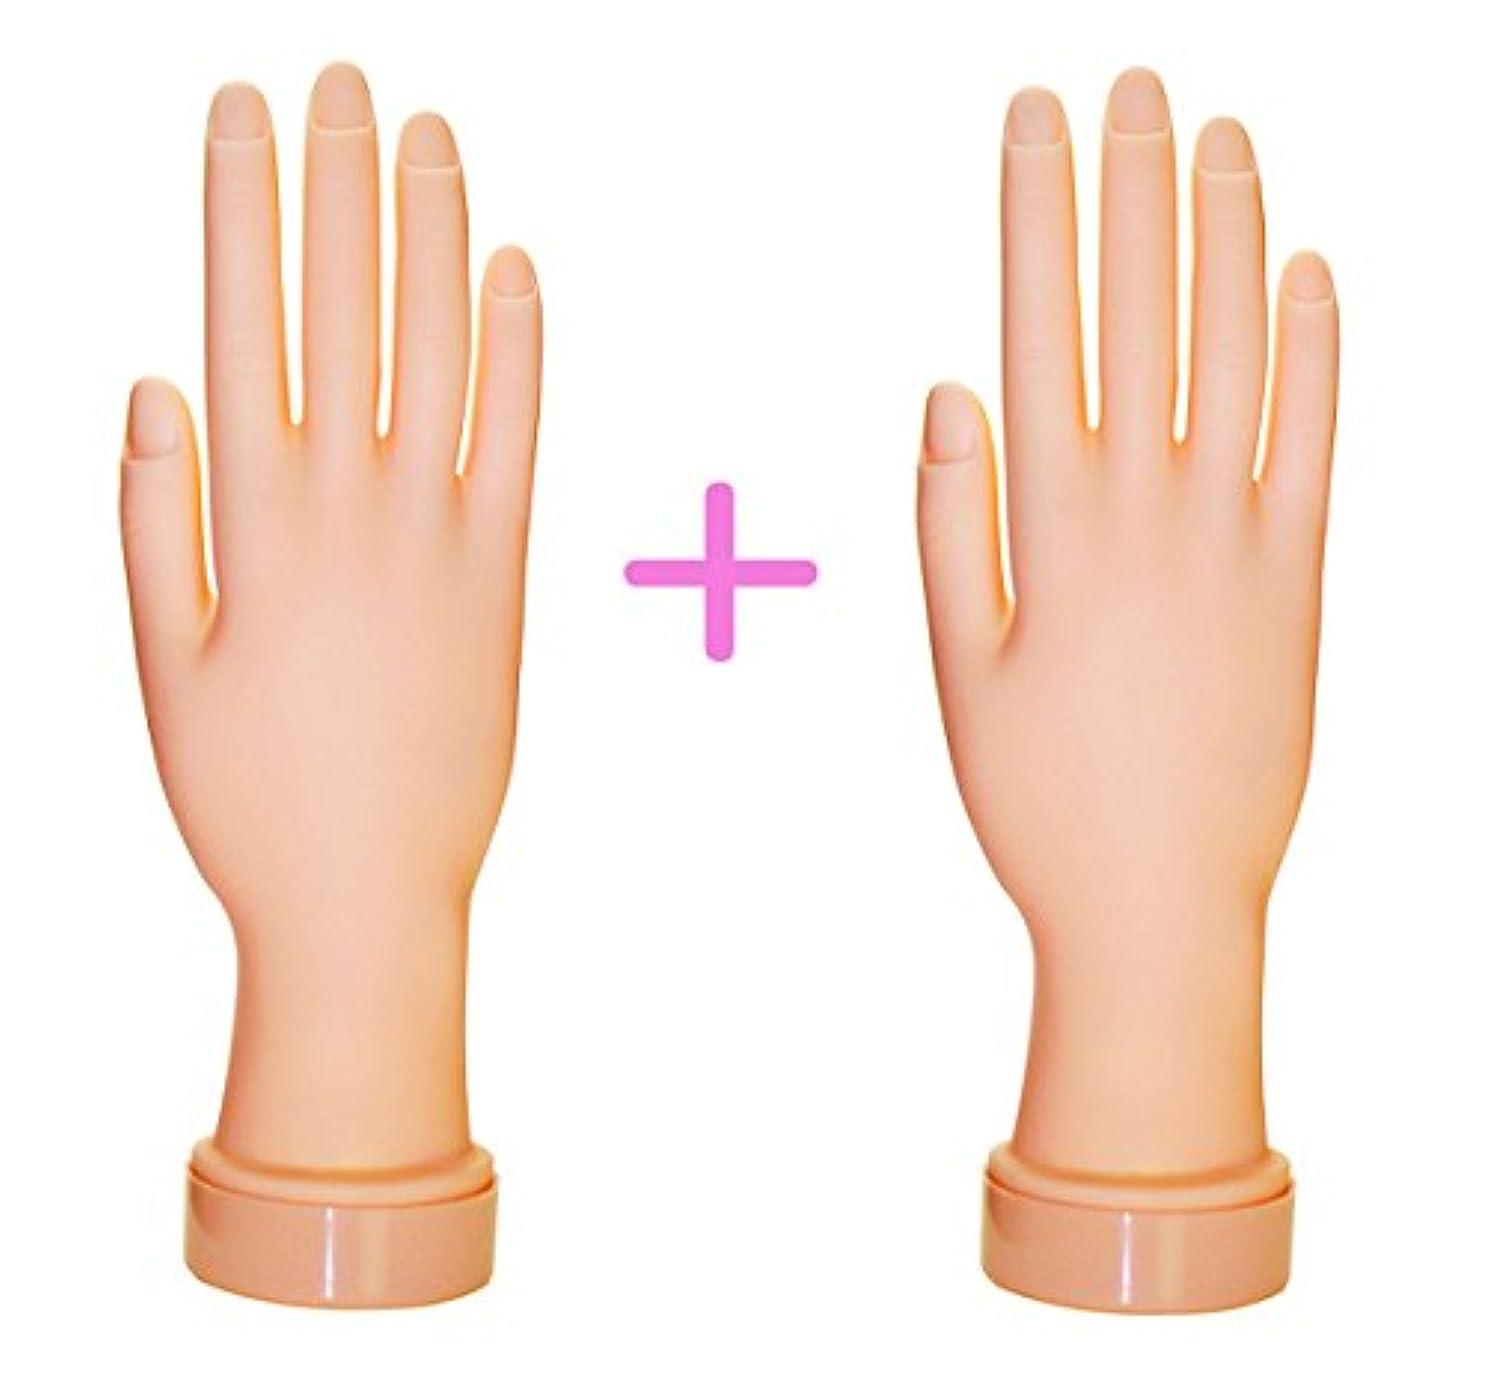 厚い具体的にモードネイル練習用ハンドマネキン2個(右手/左手)/チップ差し込み式 (右手2個)